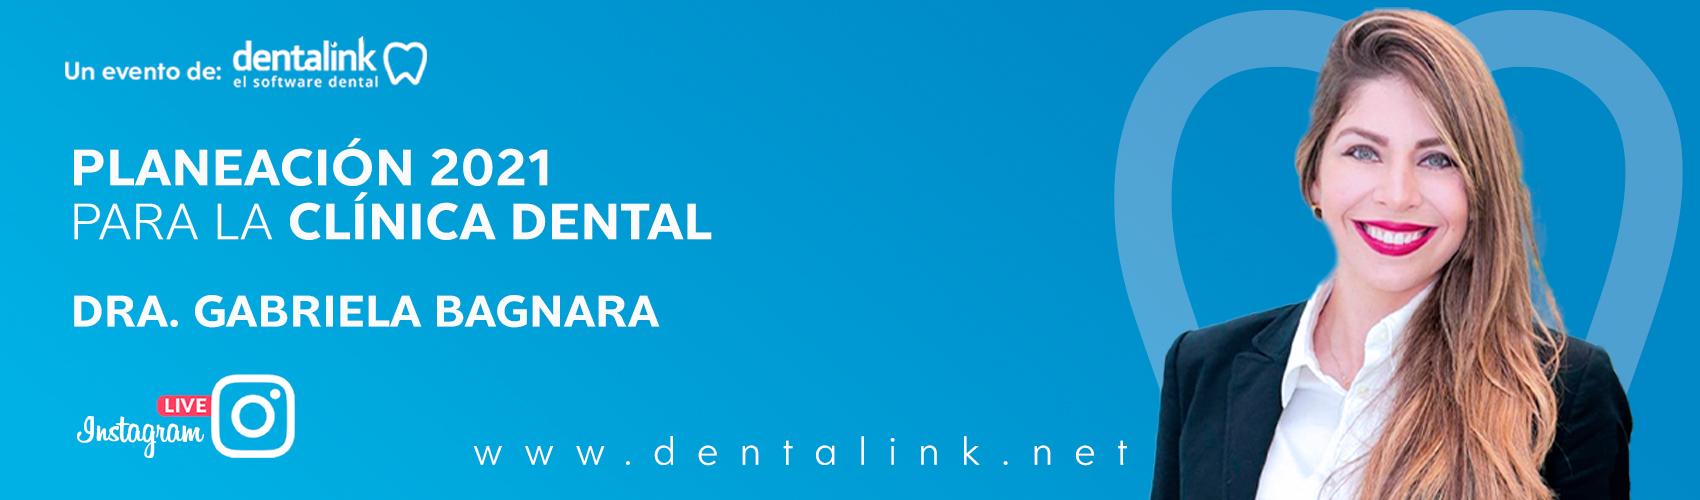 Instagram Live: Planeación 2021 para la Clínica Dental